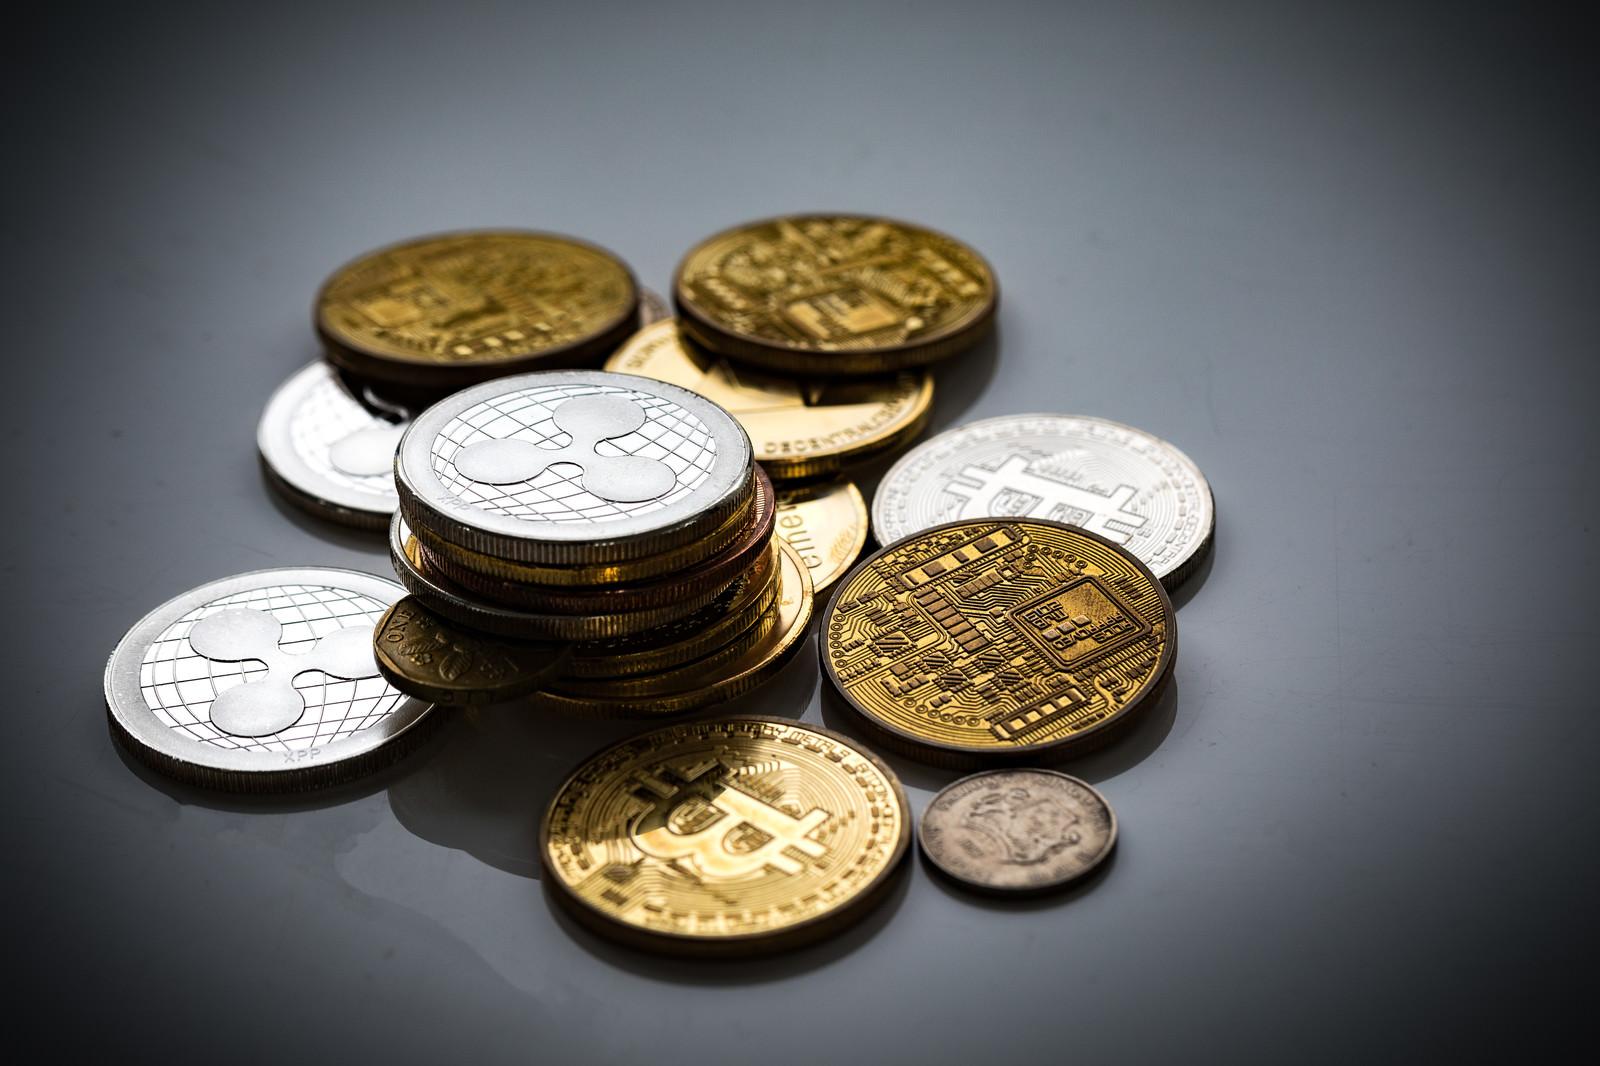 「リップル(XRP)と仮想通貨」の写真